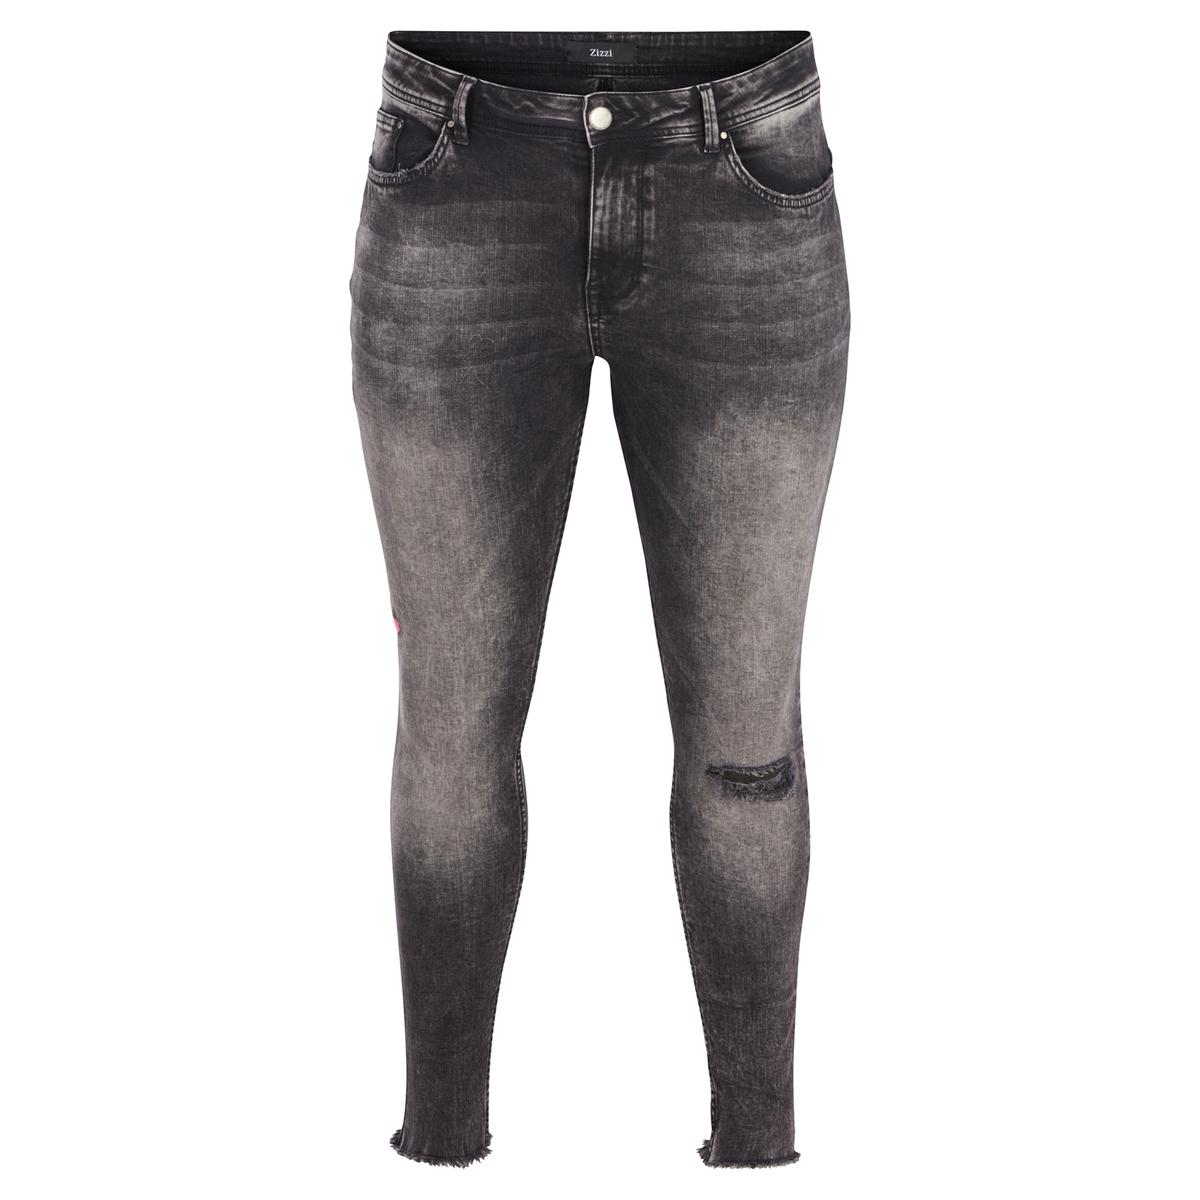 Джинсы покроя суперскинниОписание:Очень узкие джинсы с модными деталями.Детали •  Суперскинни •  Стандартная высота поясаСостав и уход •  85% хлопка, 9% других волокон, 6% эластана •  Следуйте рекомендациям по уходу, указанным на этикетке изделияТовар из коллекции больших размеров<br><br>Цвет: черный потертый